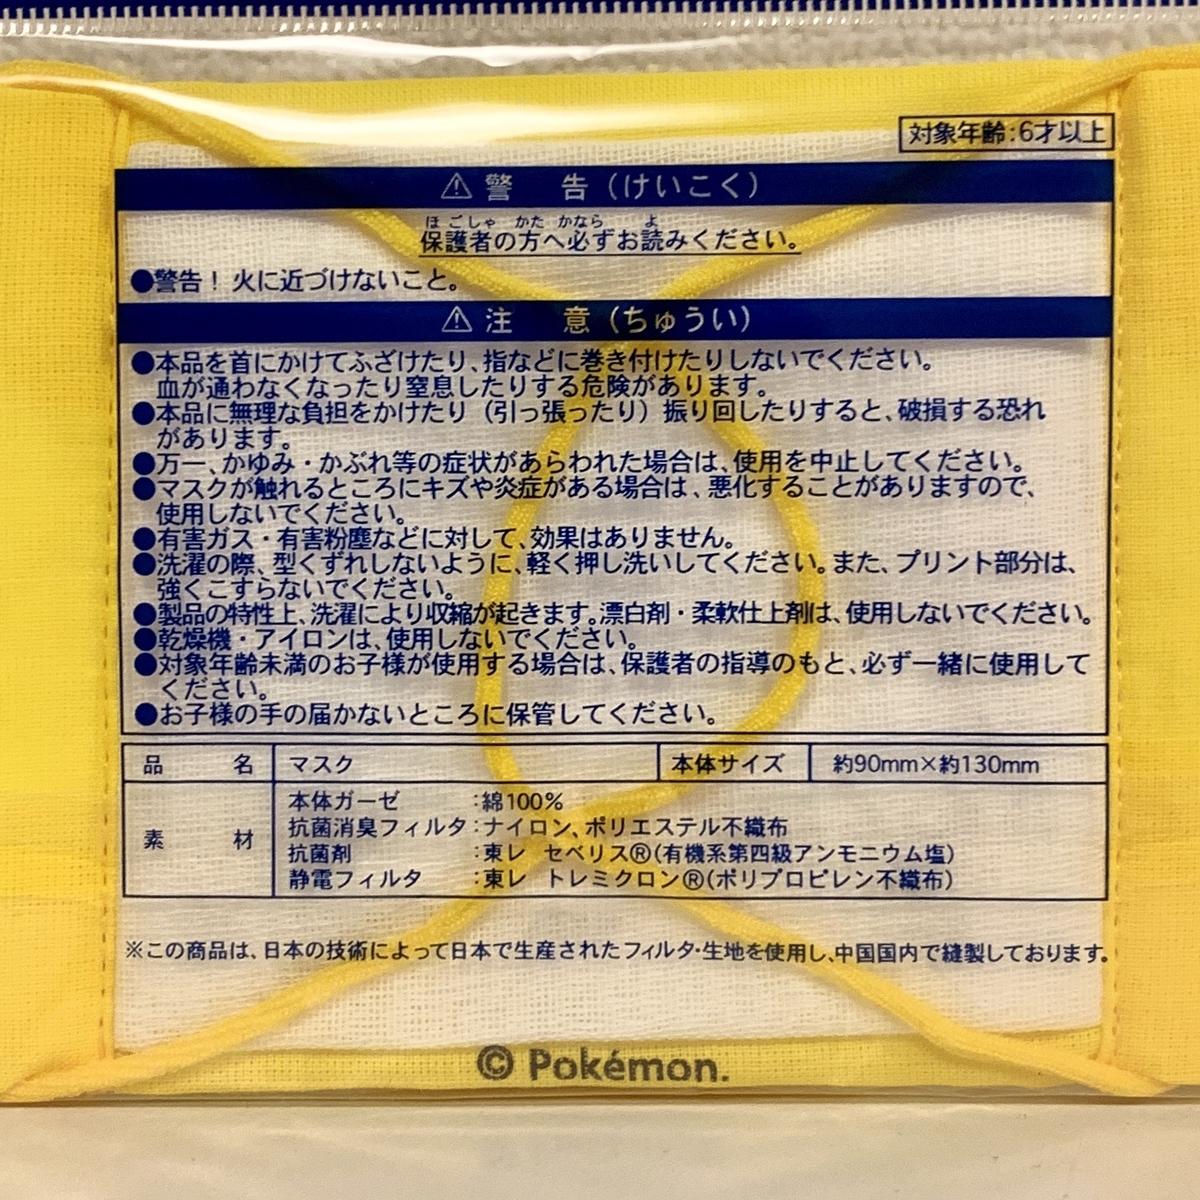 f:id:pikachu_pcn:20191212220341j:plain